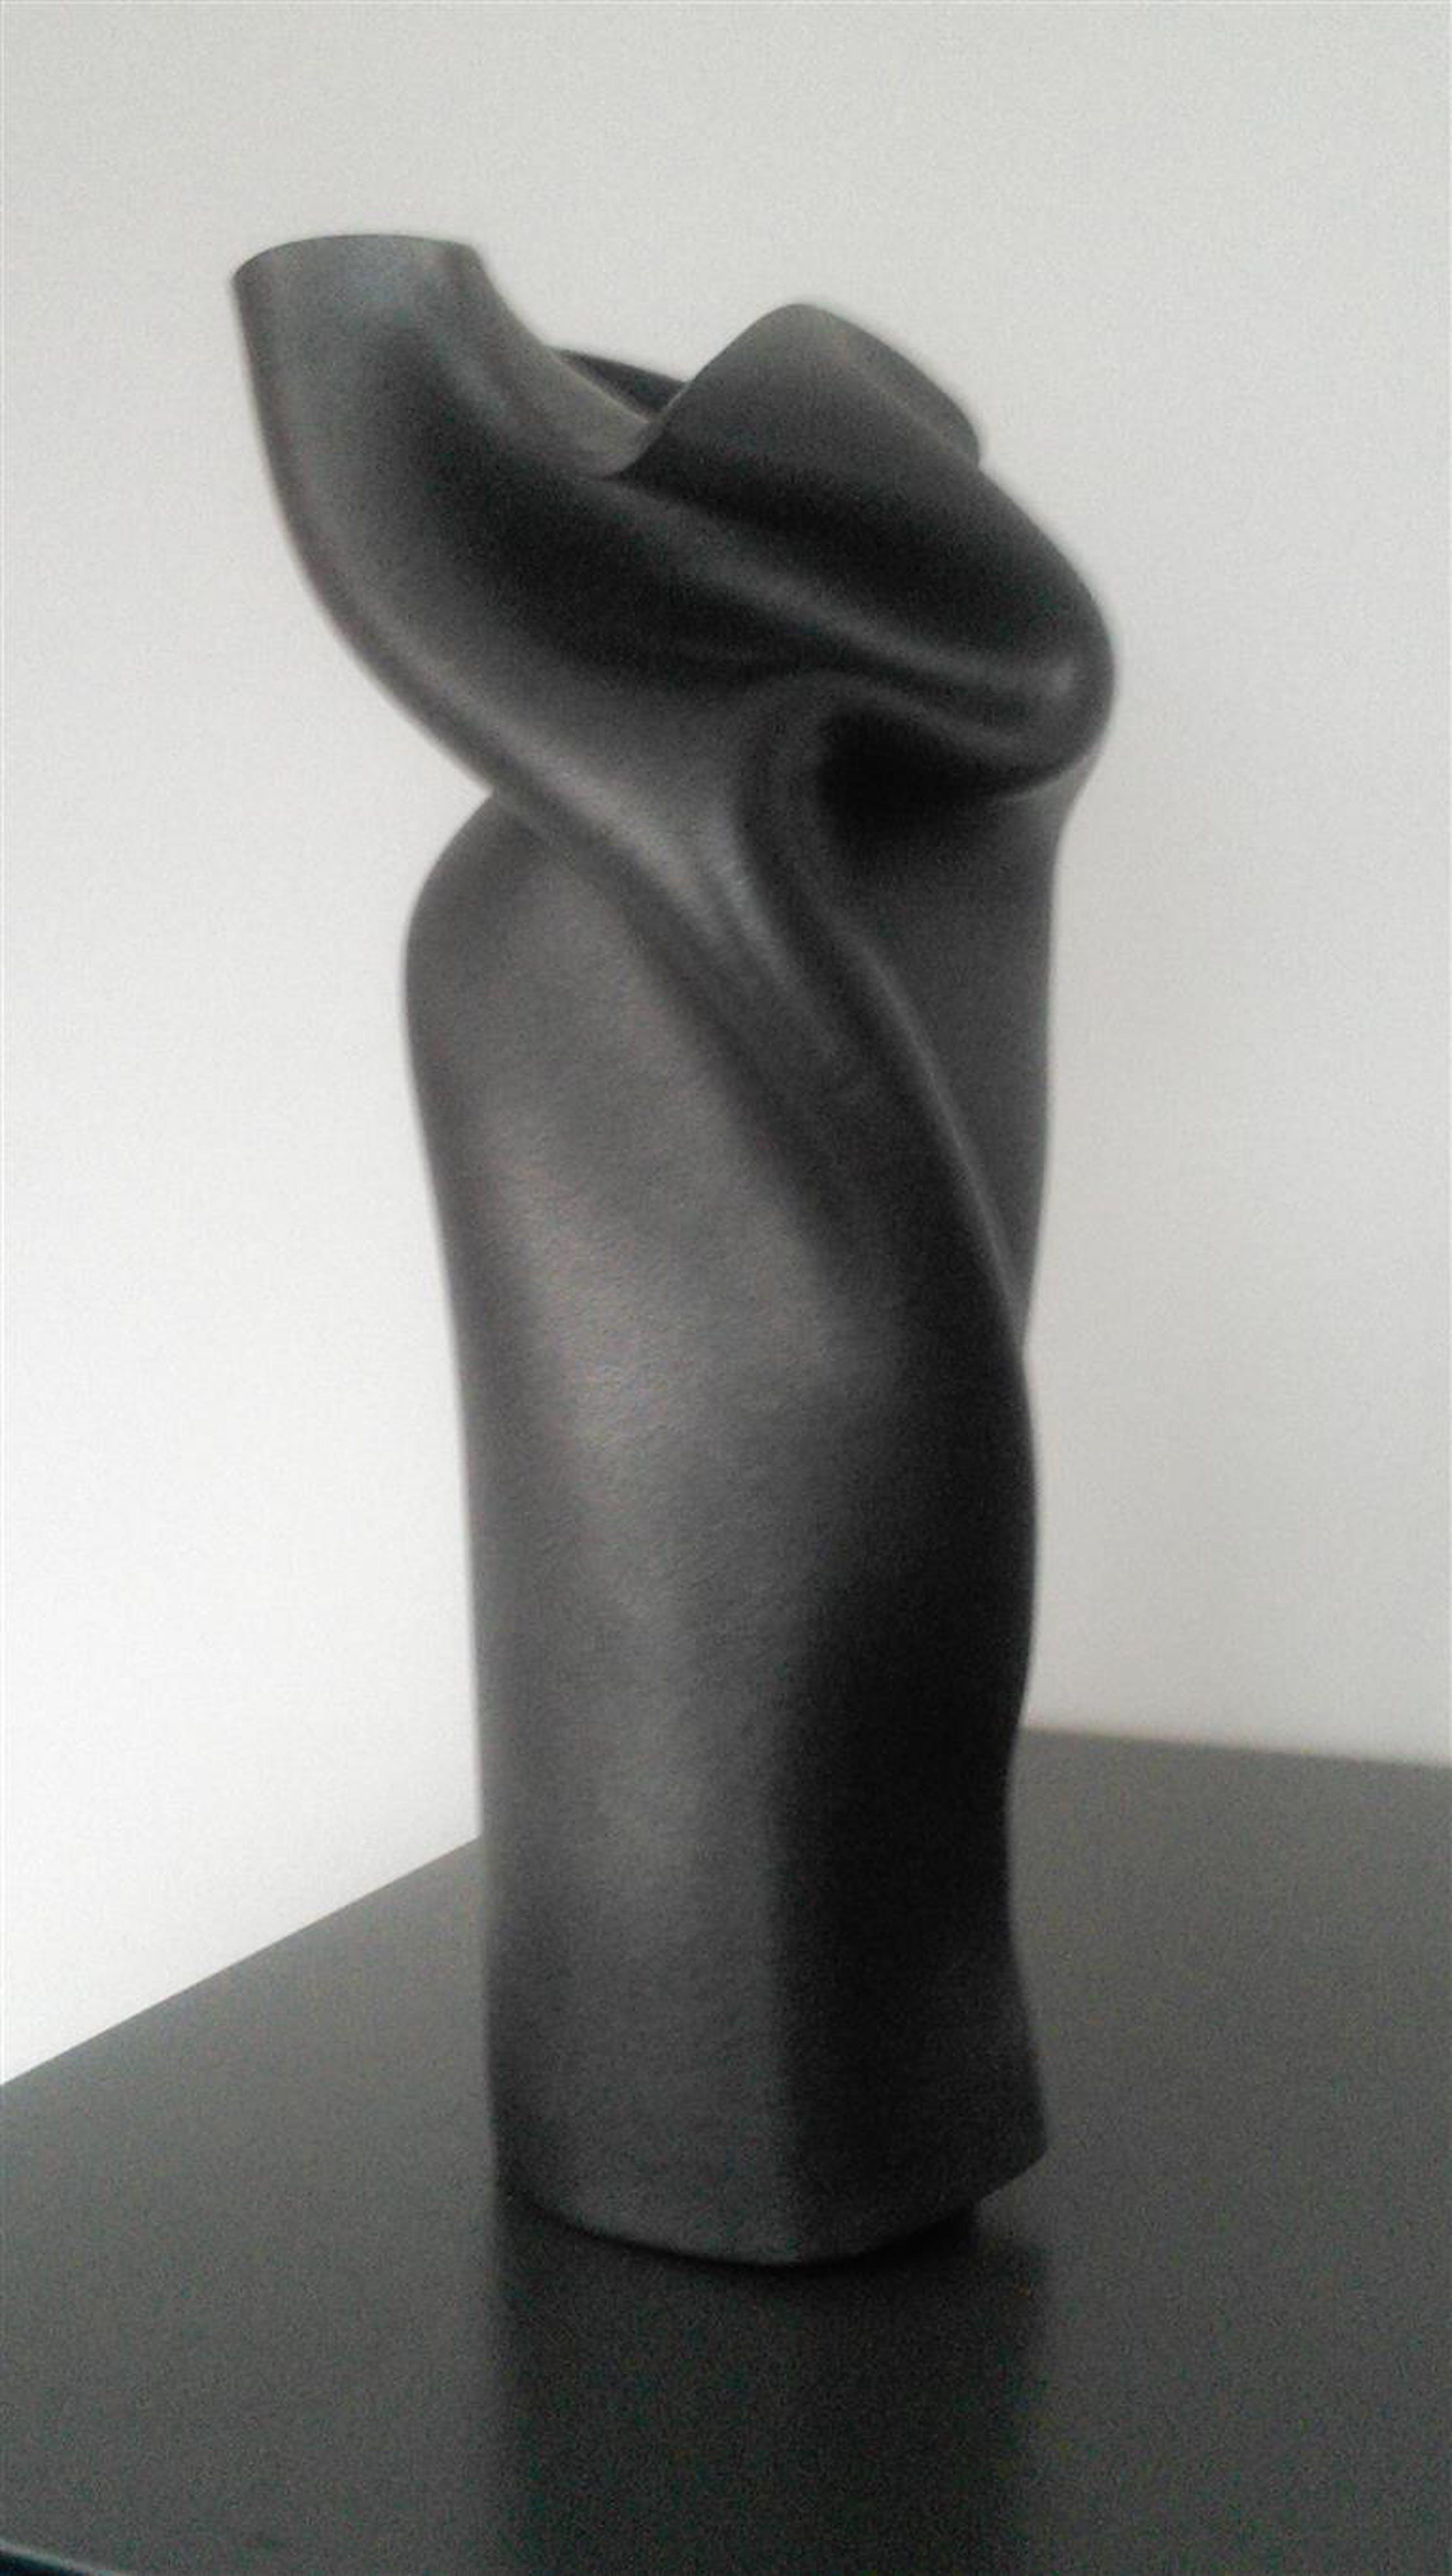 Henk Jurriaans - object/vaas, gesigneerd kopen? Bied vanaf 59!